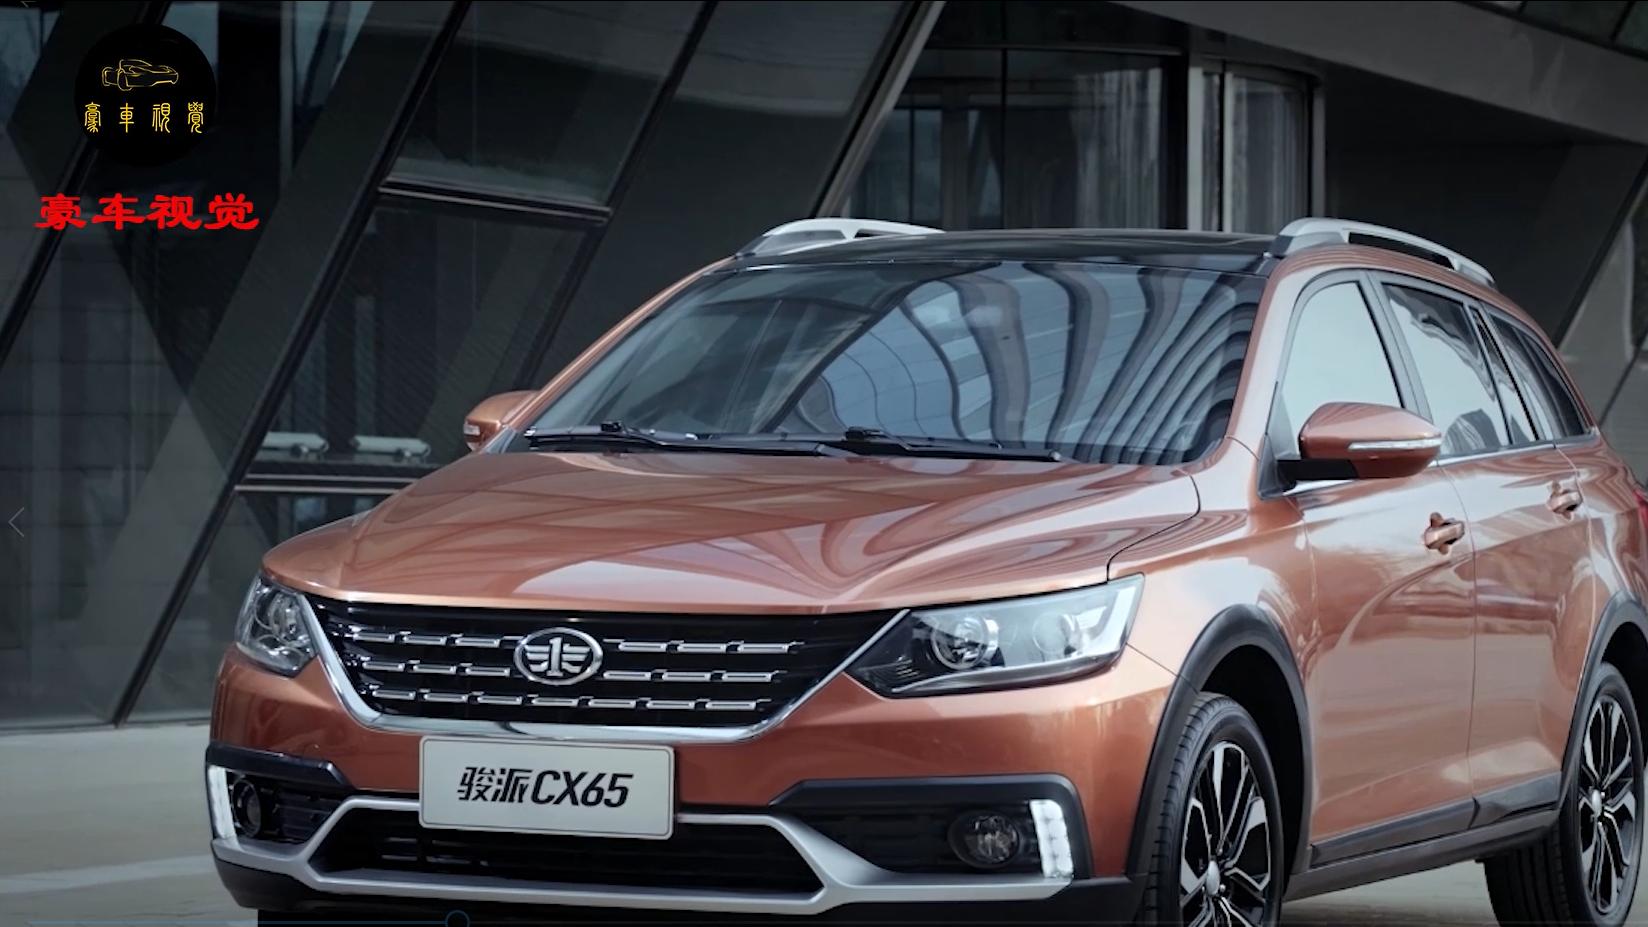 一汽全新改款SUV实车到店,有望在第四季度正式上市